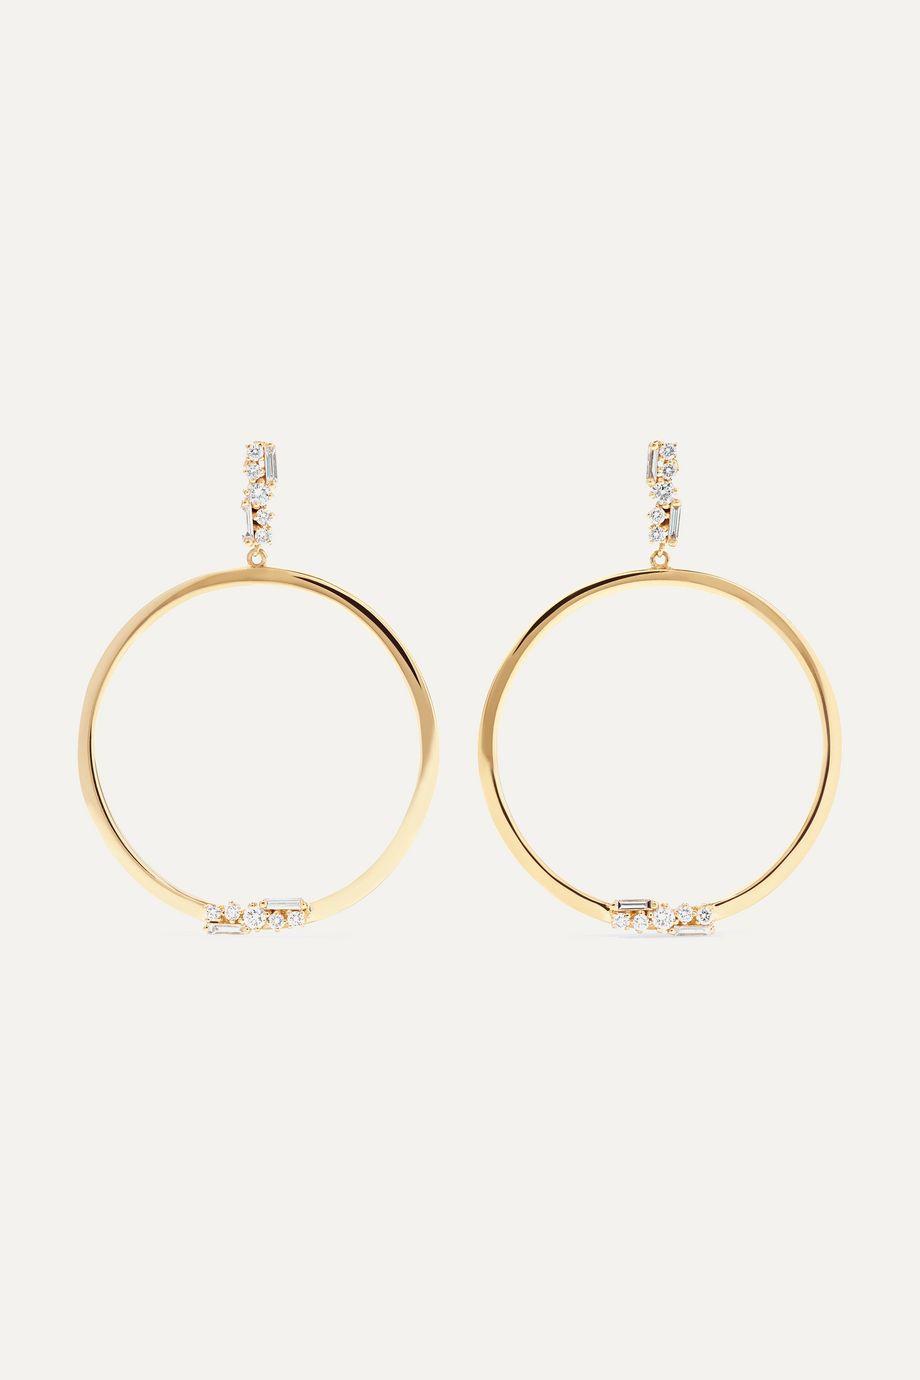 Suzanne Kalan Boucles d'oreilles en or 18 carats et diamants 30 mm